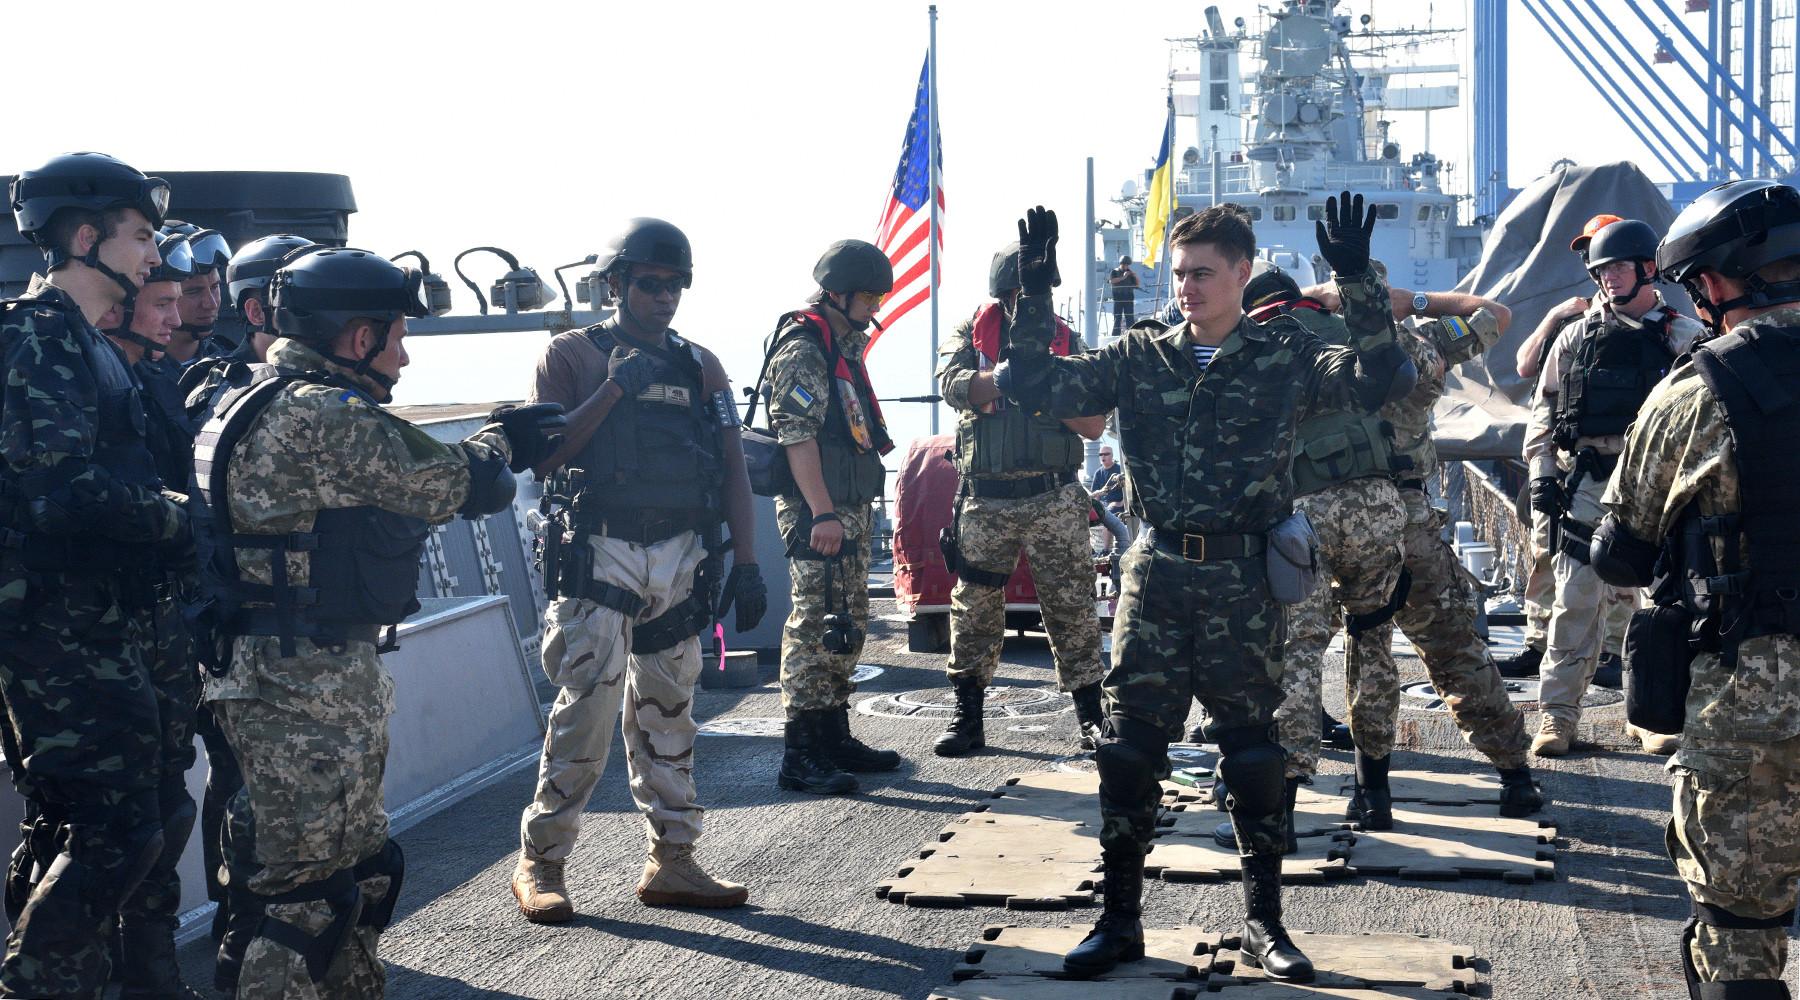 Море украинской надежды: о кораблях НАТО в порту Одессы (ФОТО)